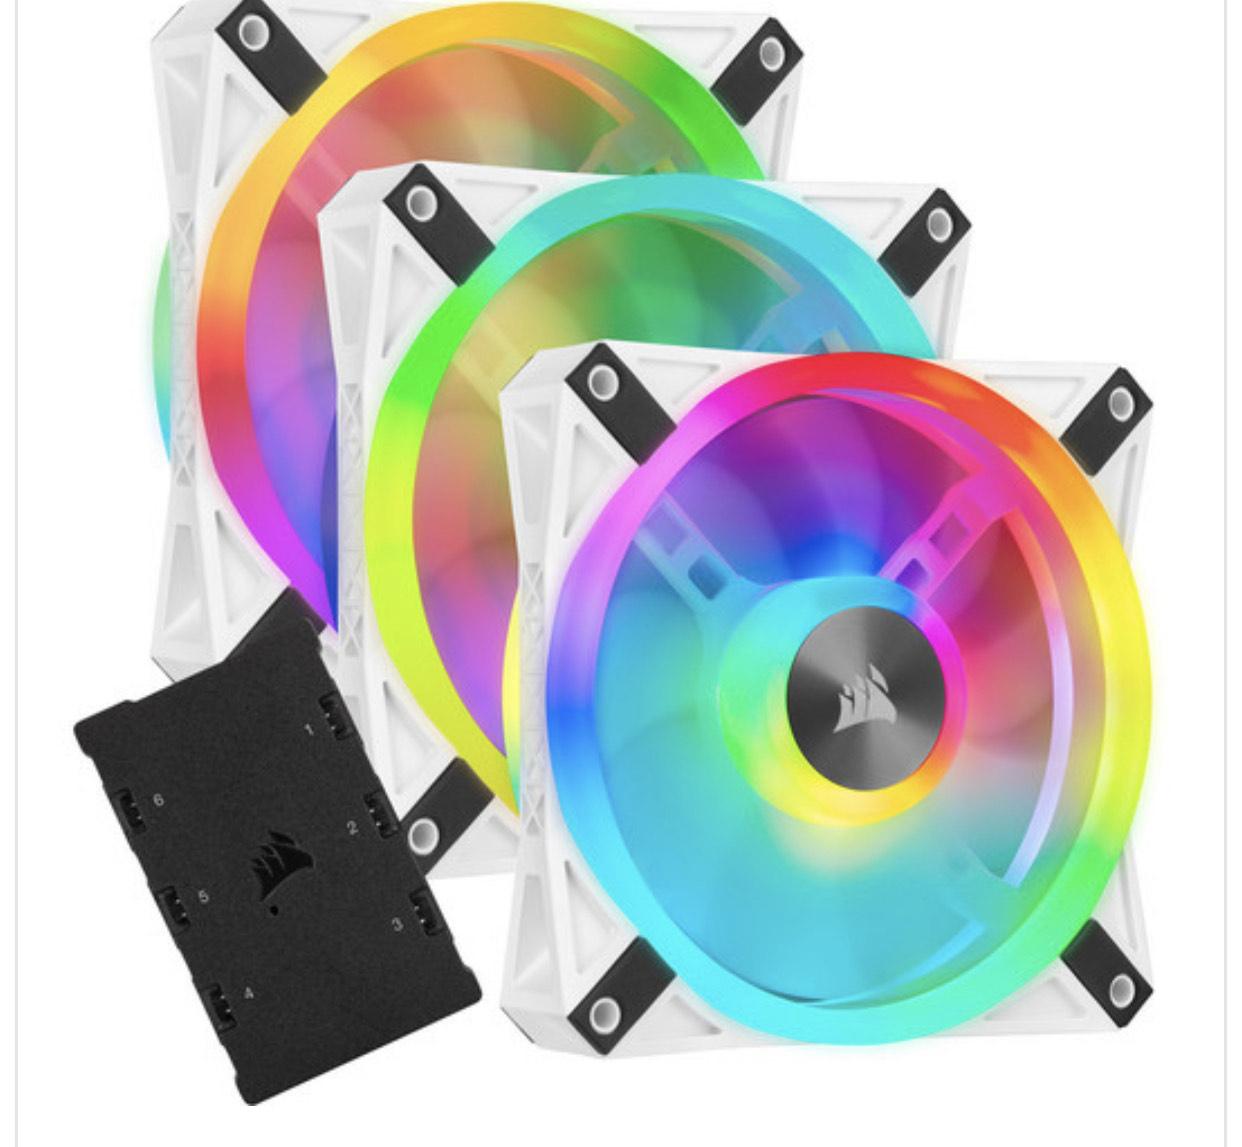 Sélection de produits en promotion via code - Ex : Pack de 3 ventilateurs PC Corsair QL120 RGB - 120 mm + Lightning Node Core